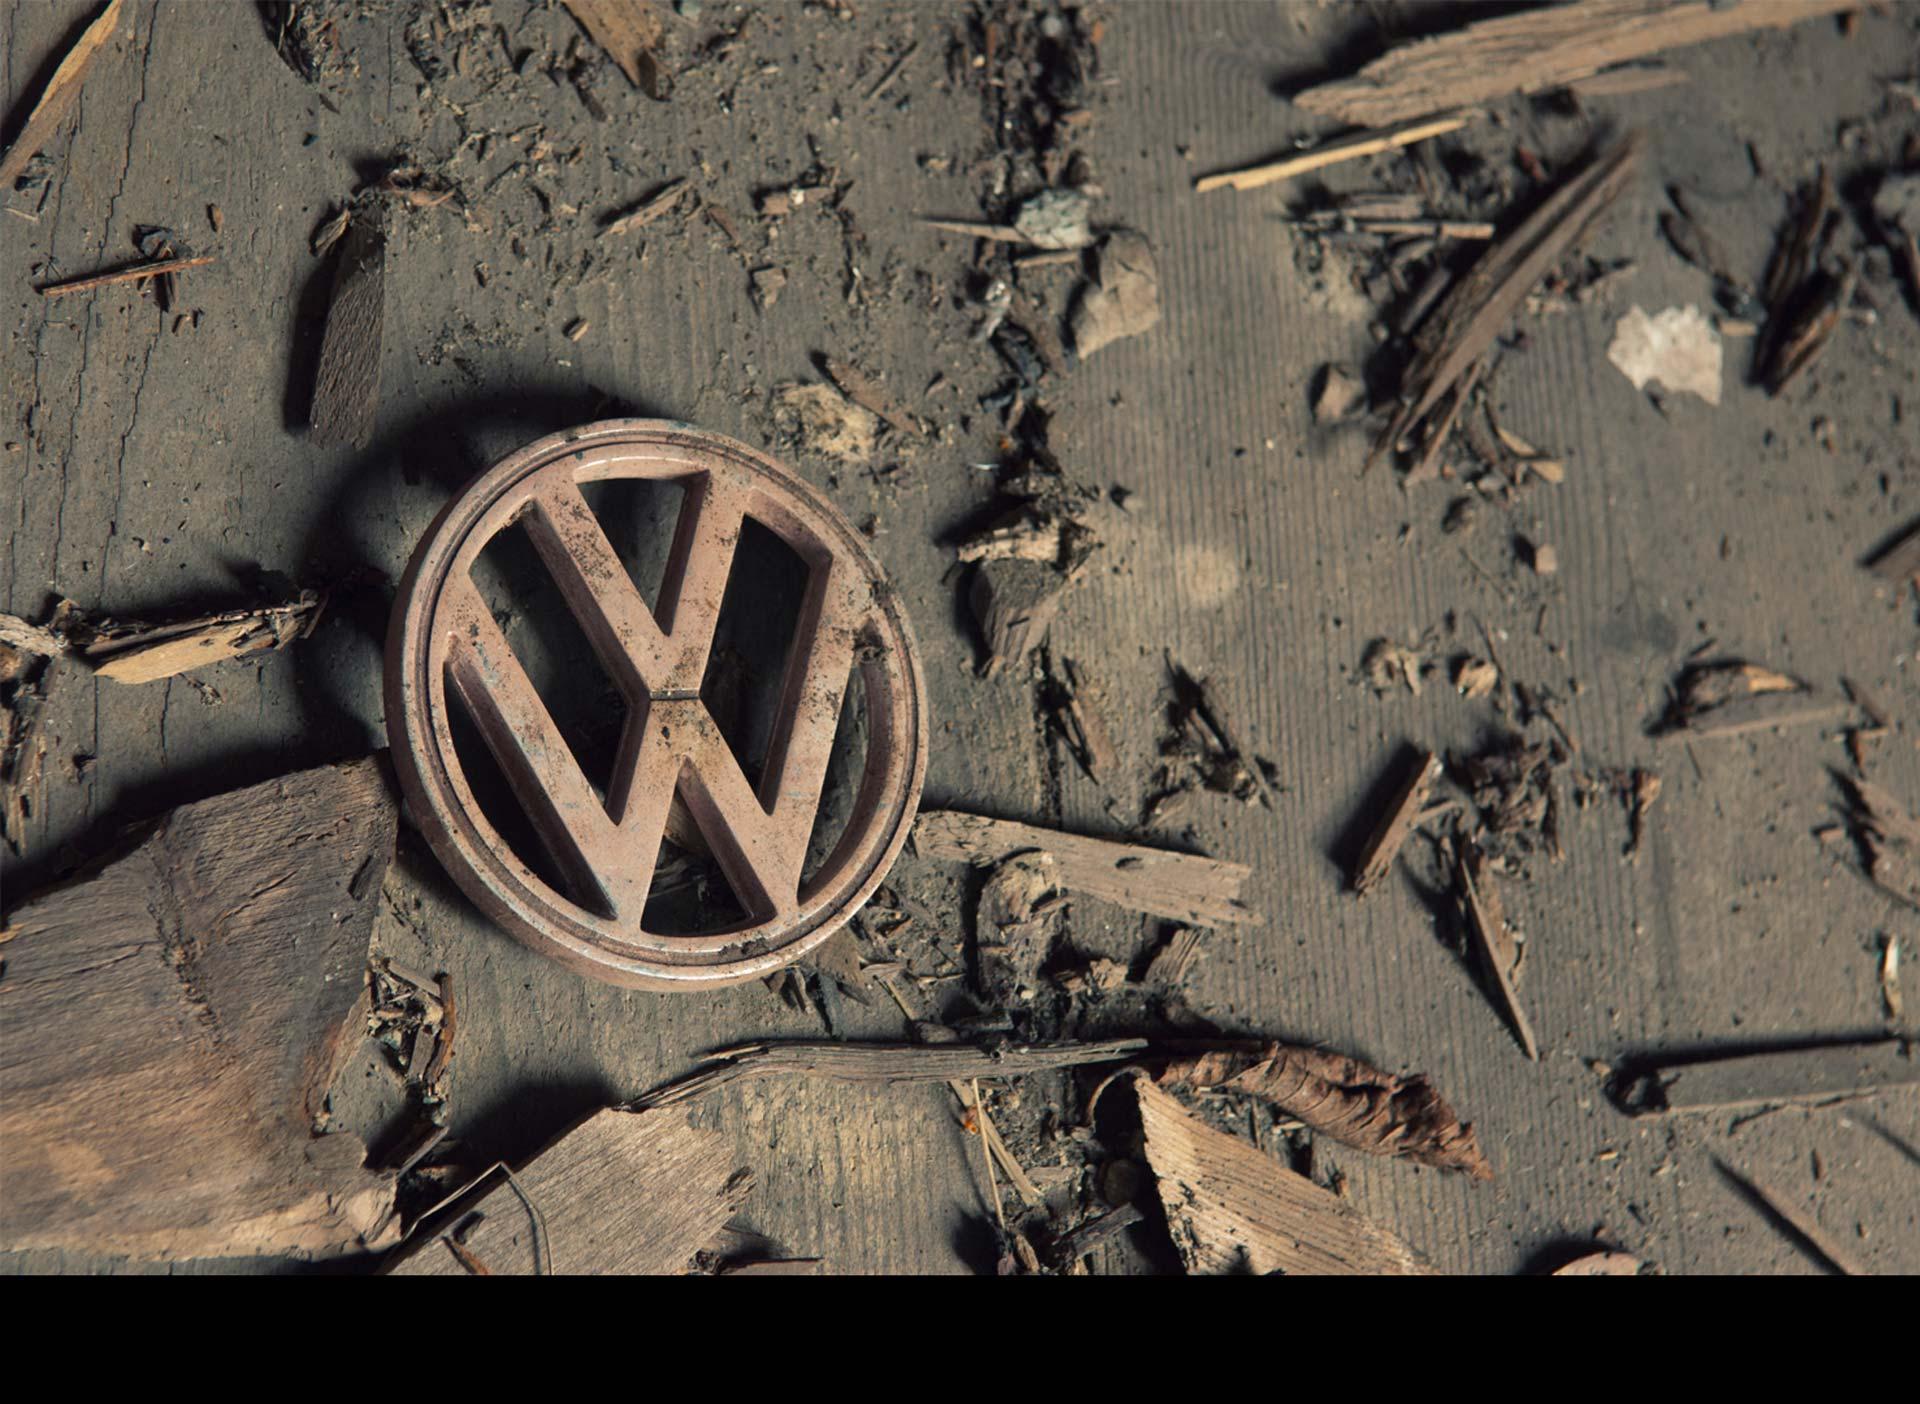 La automotriz alemana limitará sus inversiones en bienes de equipo para contrarrestar los gastos derivados del escándalo de emisiones